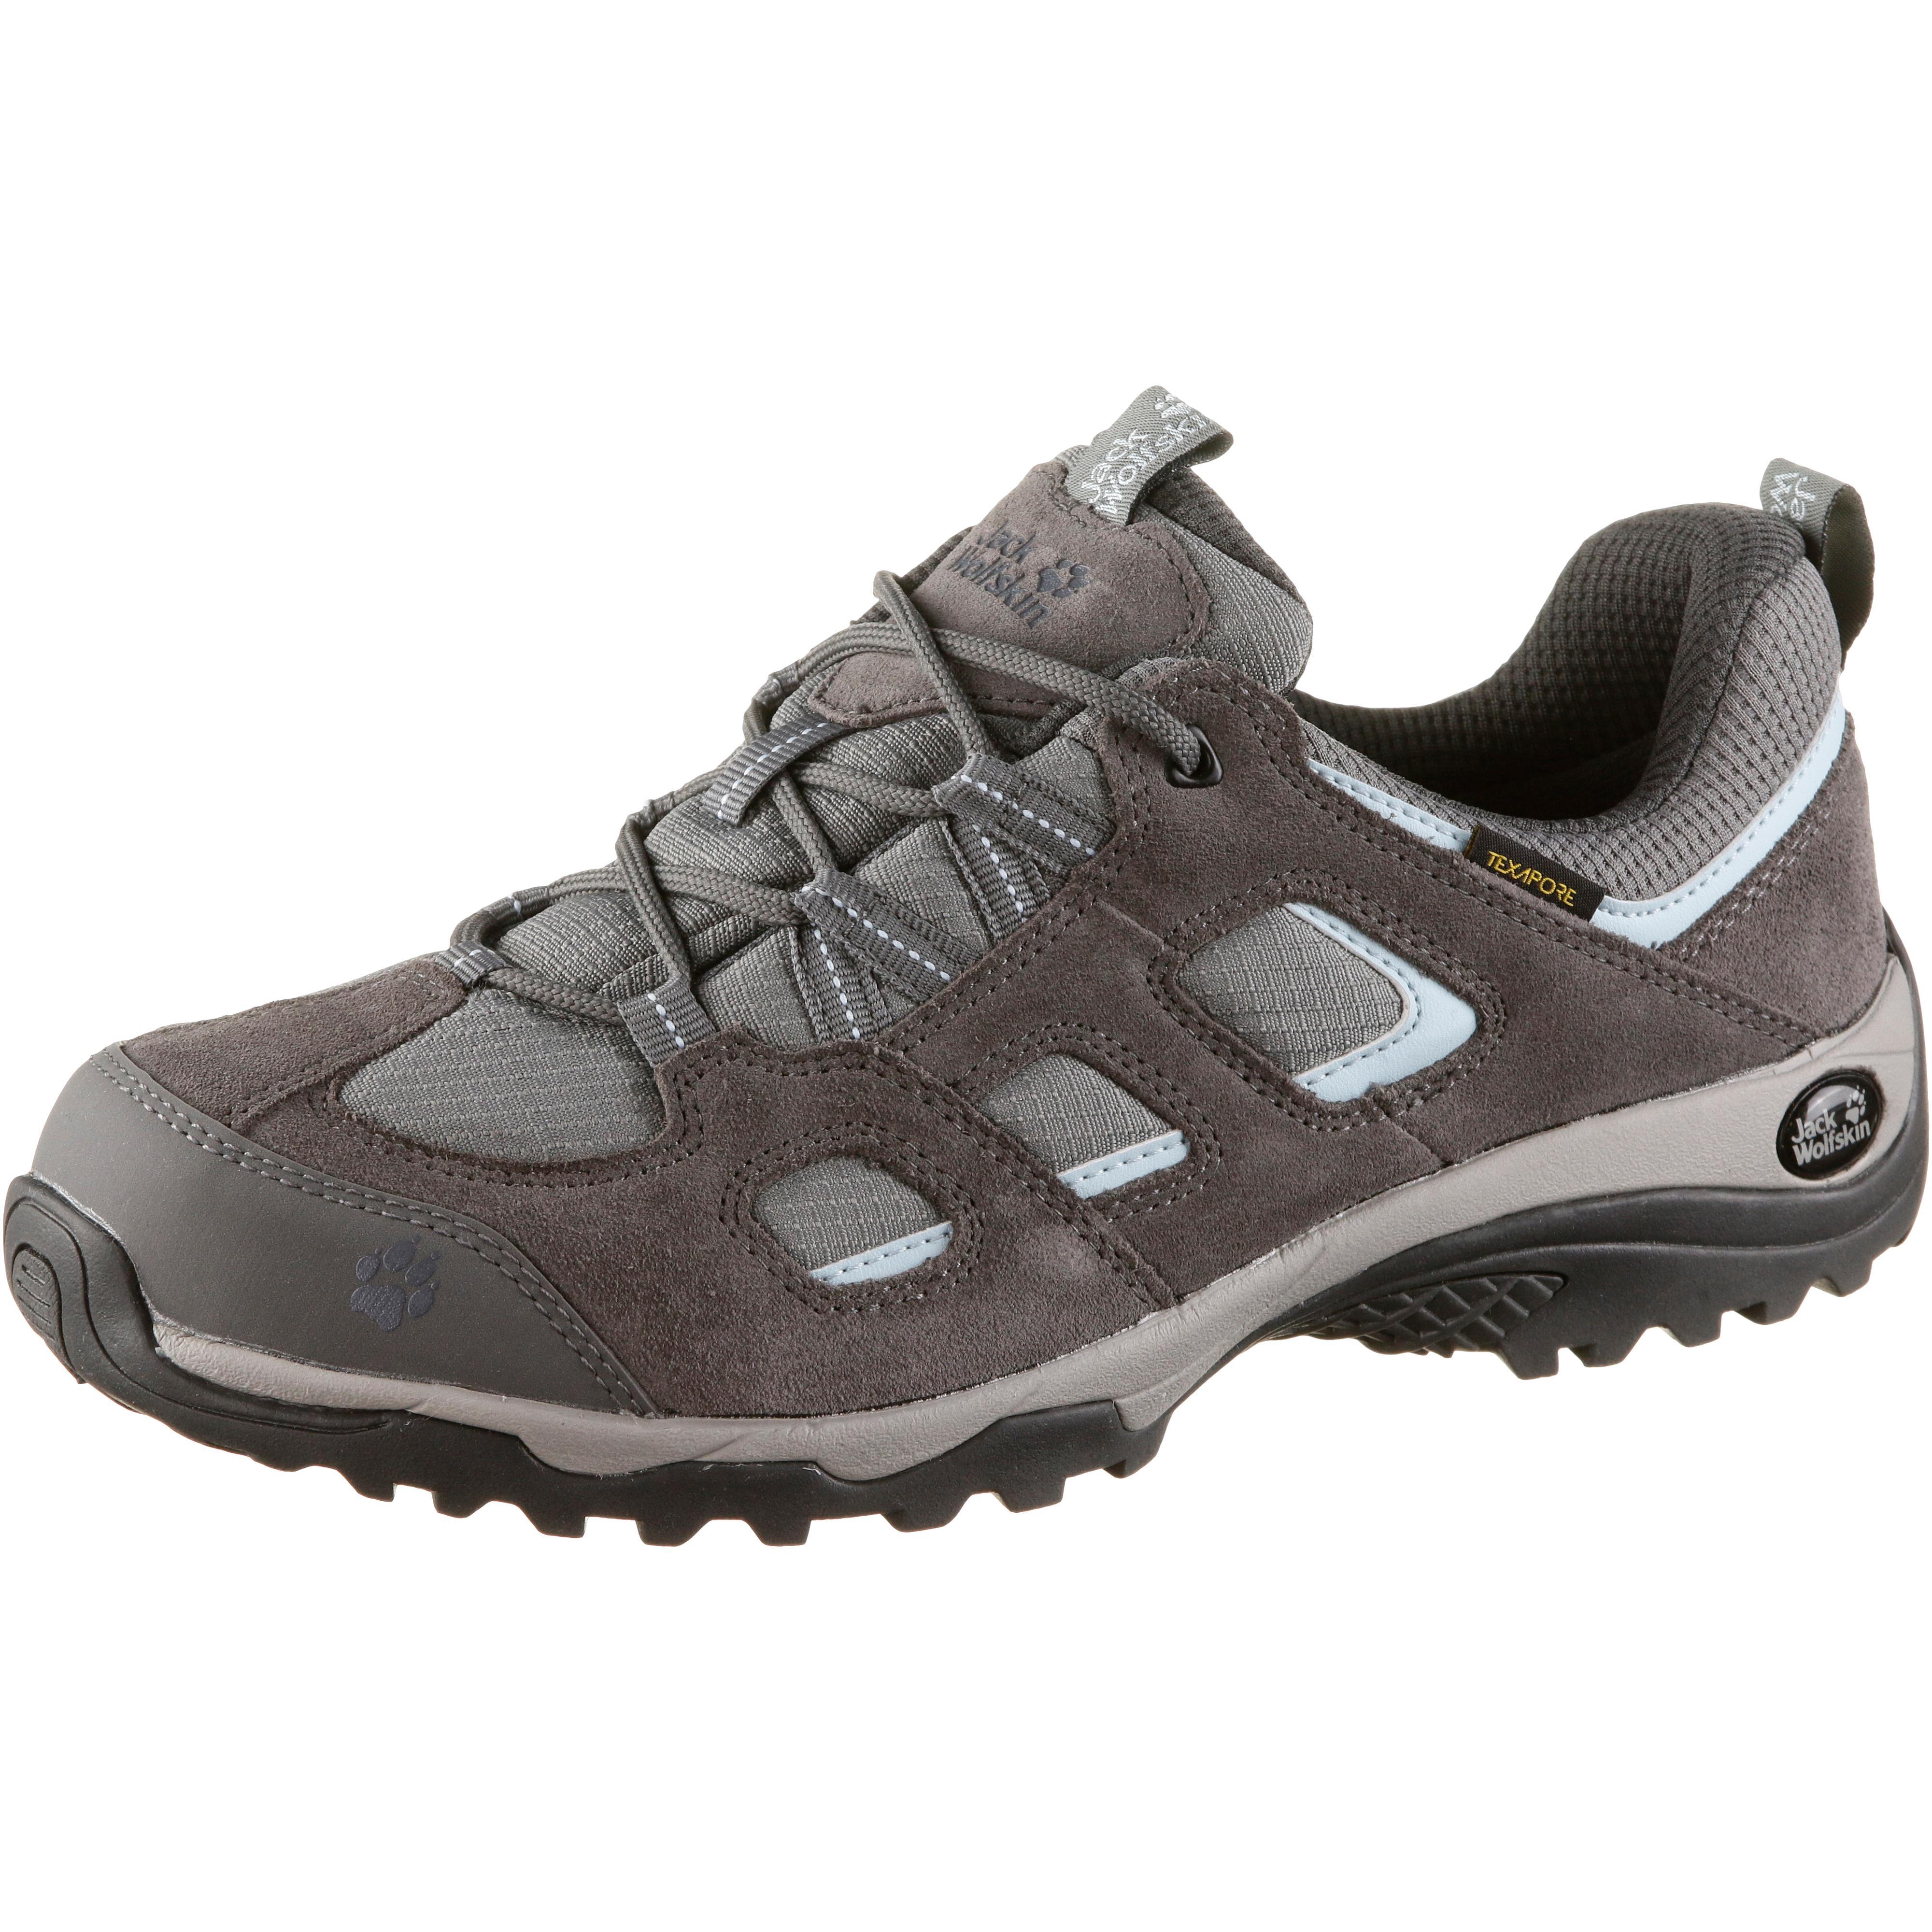 Jack Wolfskin Vojo Hike 2 Texapore Low Wanderschuhe Wanderschuhe Wanderschuhe Damen tarmac grau im Online Shop von SportScheck kaufen Gute Qualität beliebte Schuhe 2e050e